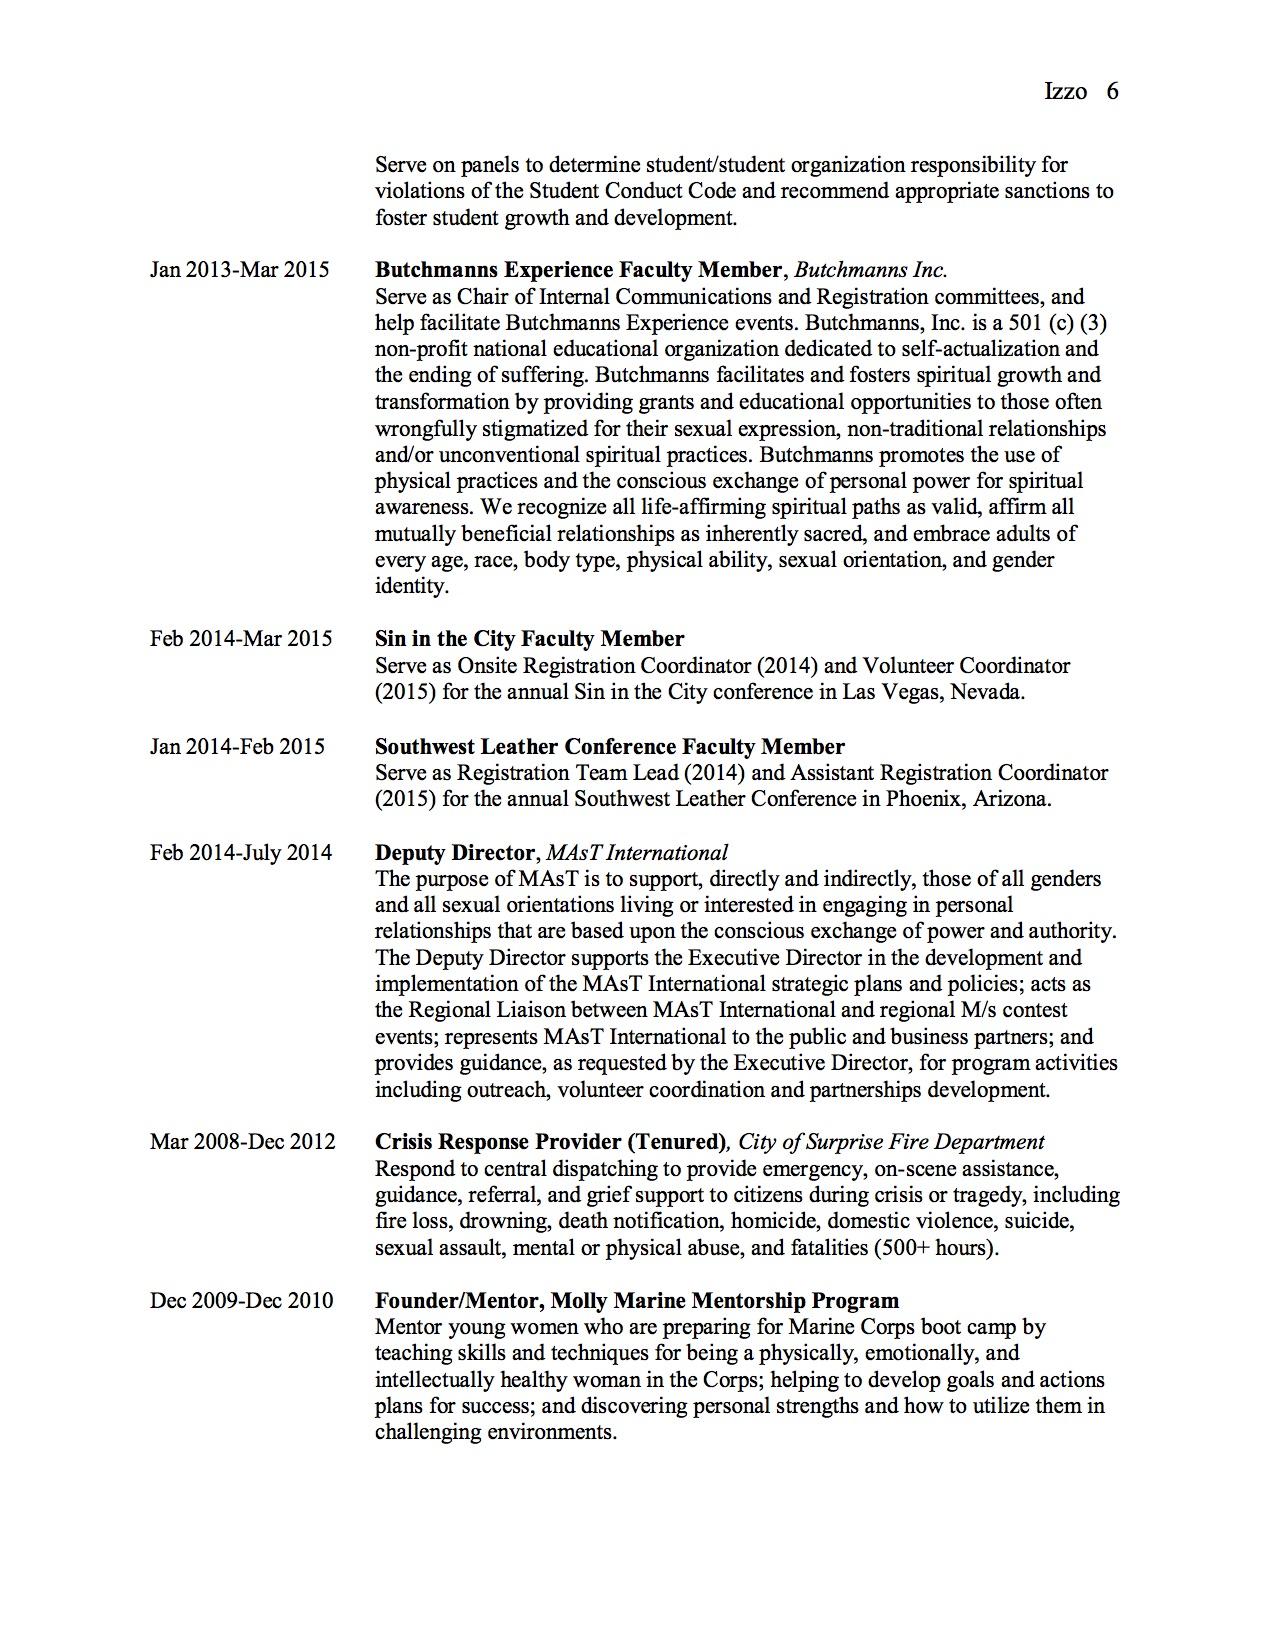 Izzo CV Aug 2017-page6